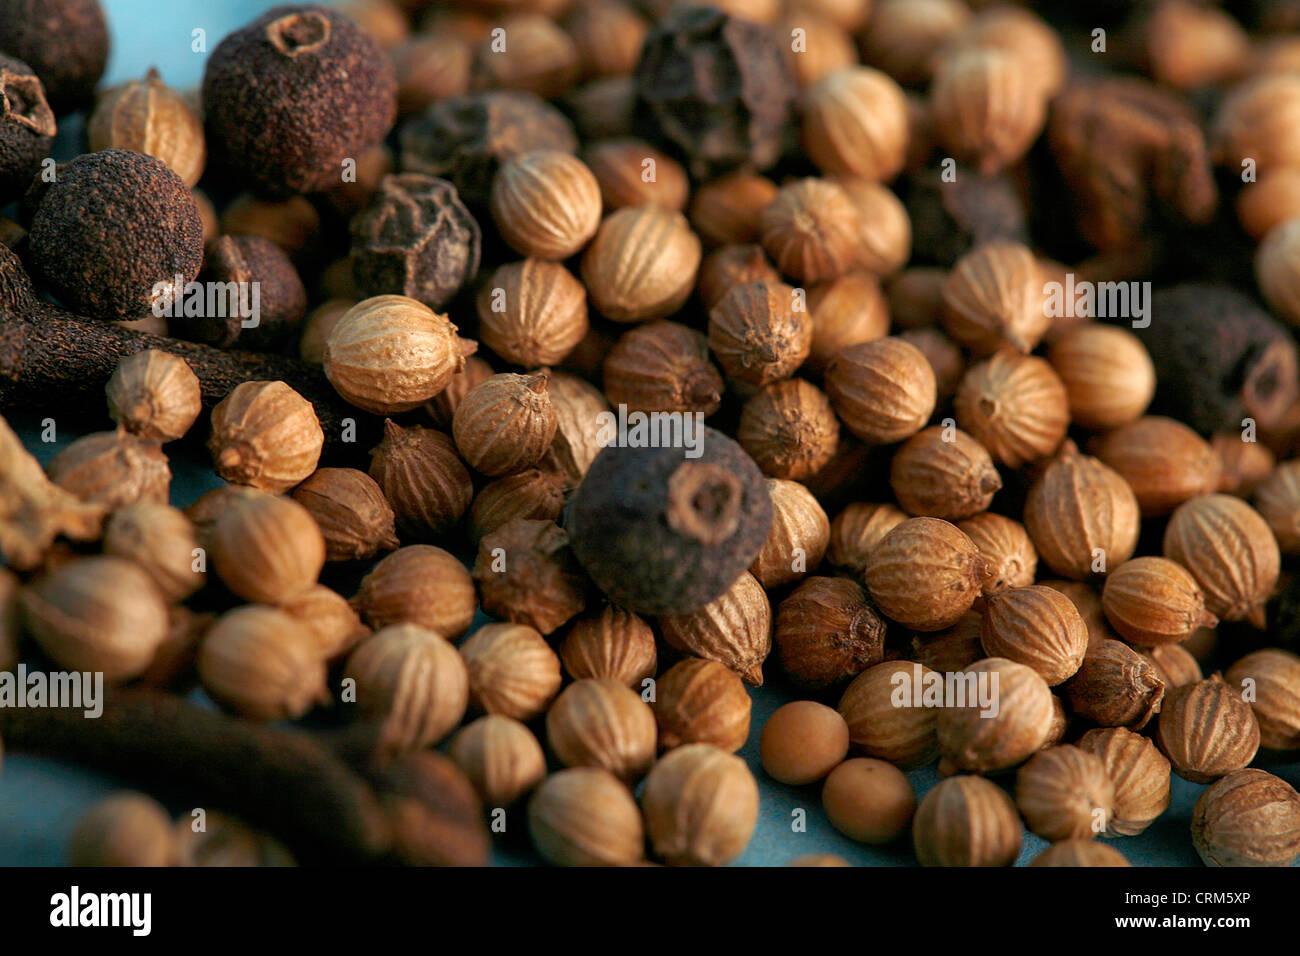 Beize Samen produzieren ein Öl, wenn zerkleinert kann helfen, eine Vielzahl von verschiedenen Beschwerden, Stockbild